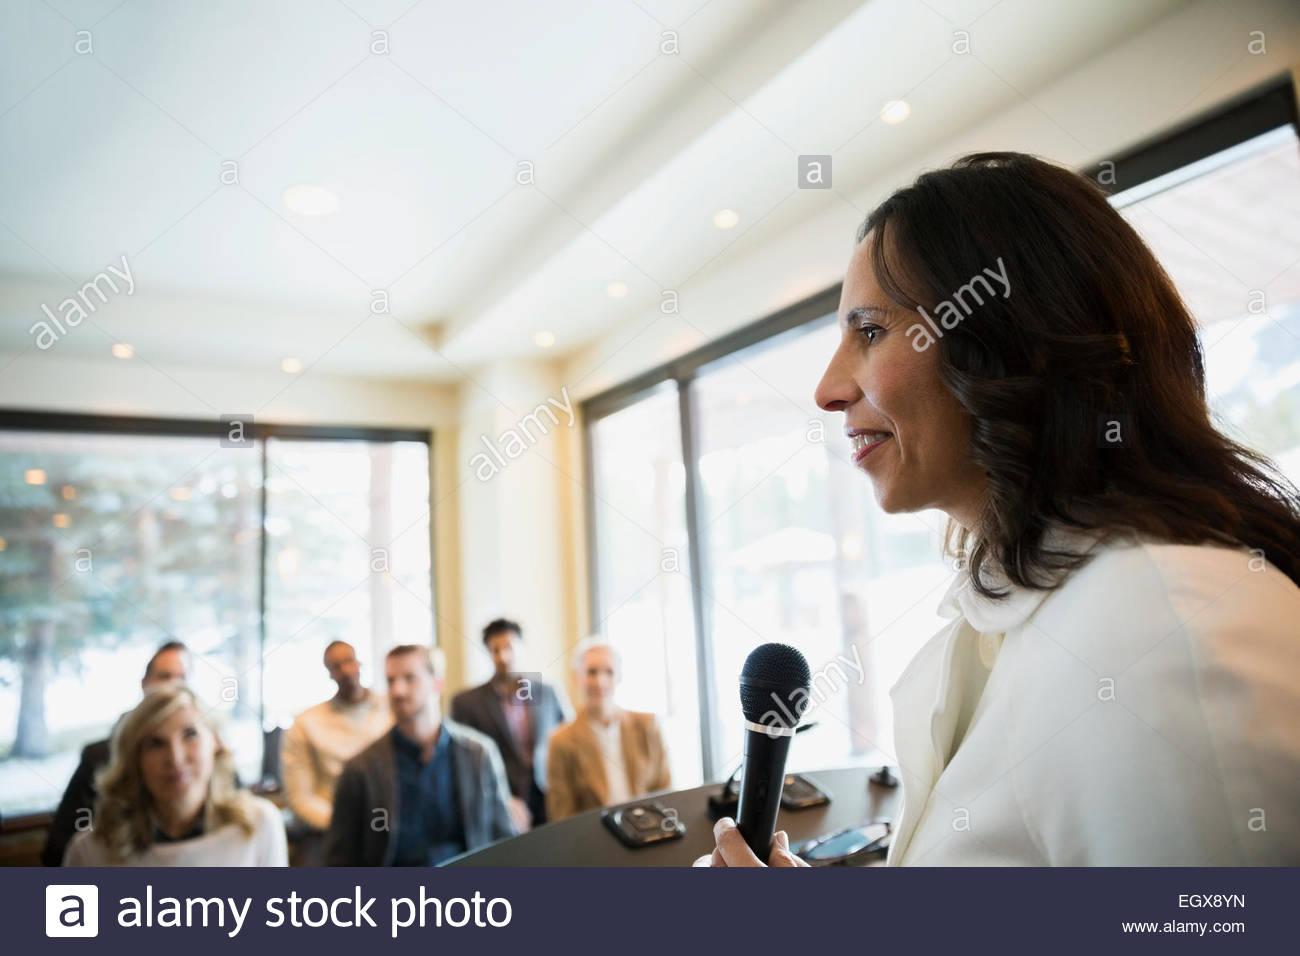 La empresaria con micrófono principal conferencia Imagen De Stock